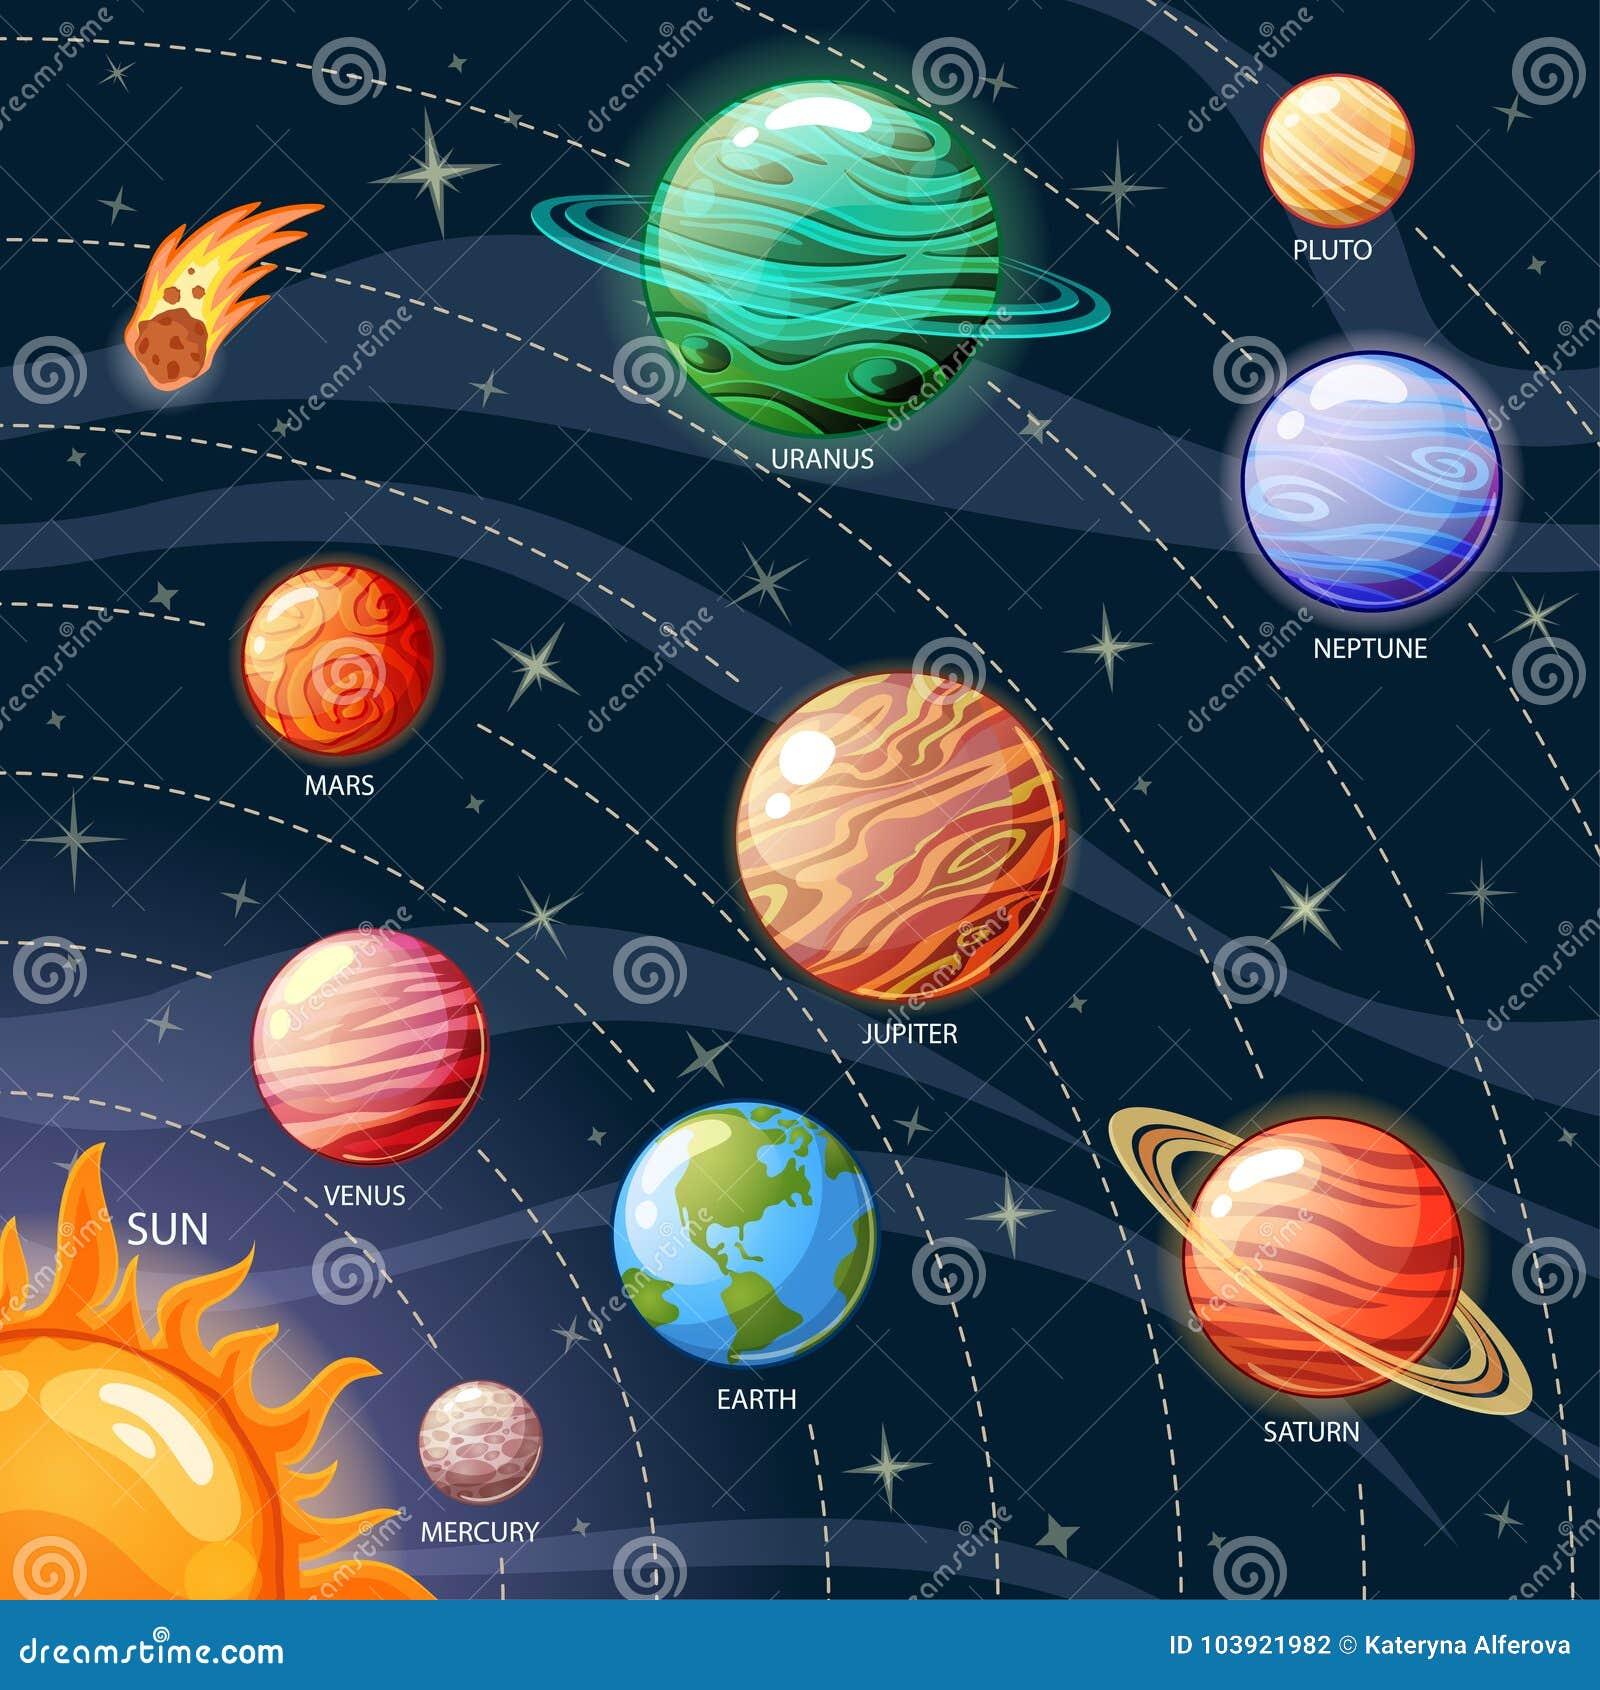 Tolle Planeten Malseite Fotos - Druckbare Malvorlagen - amaichi.info